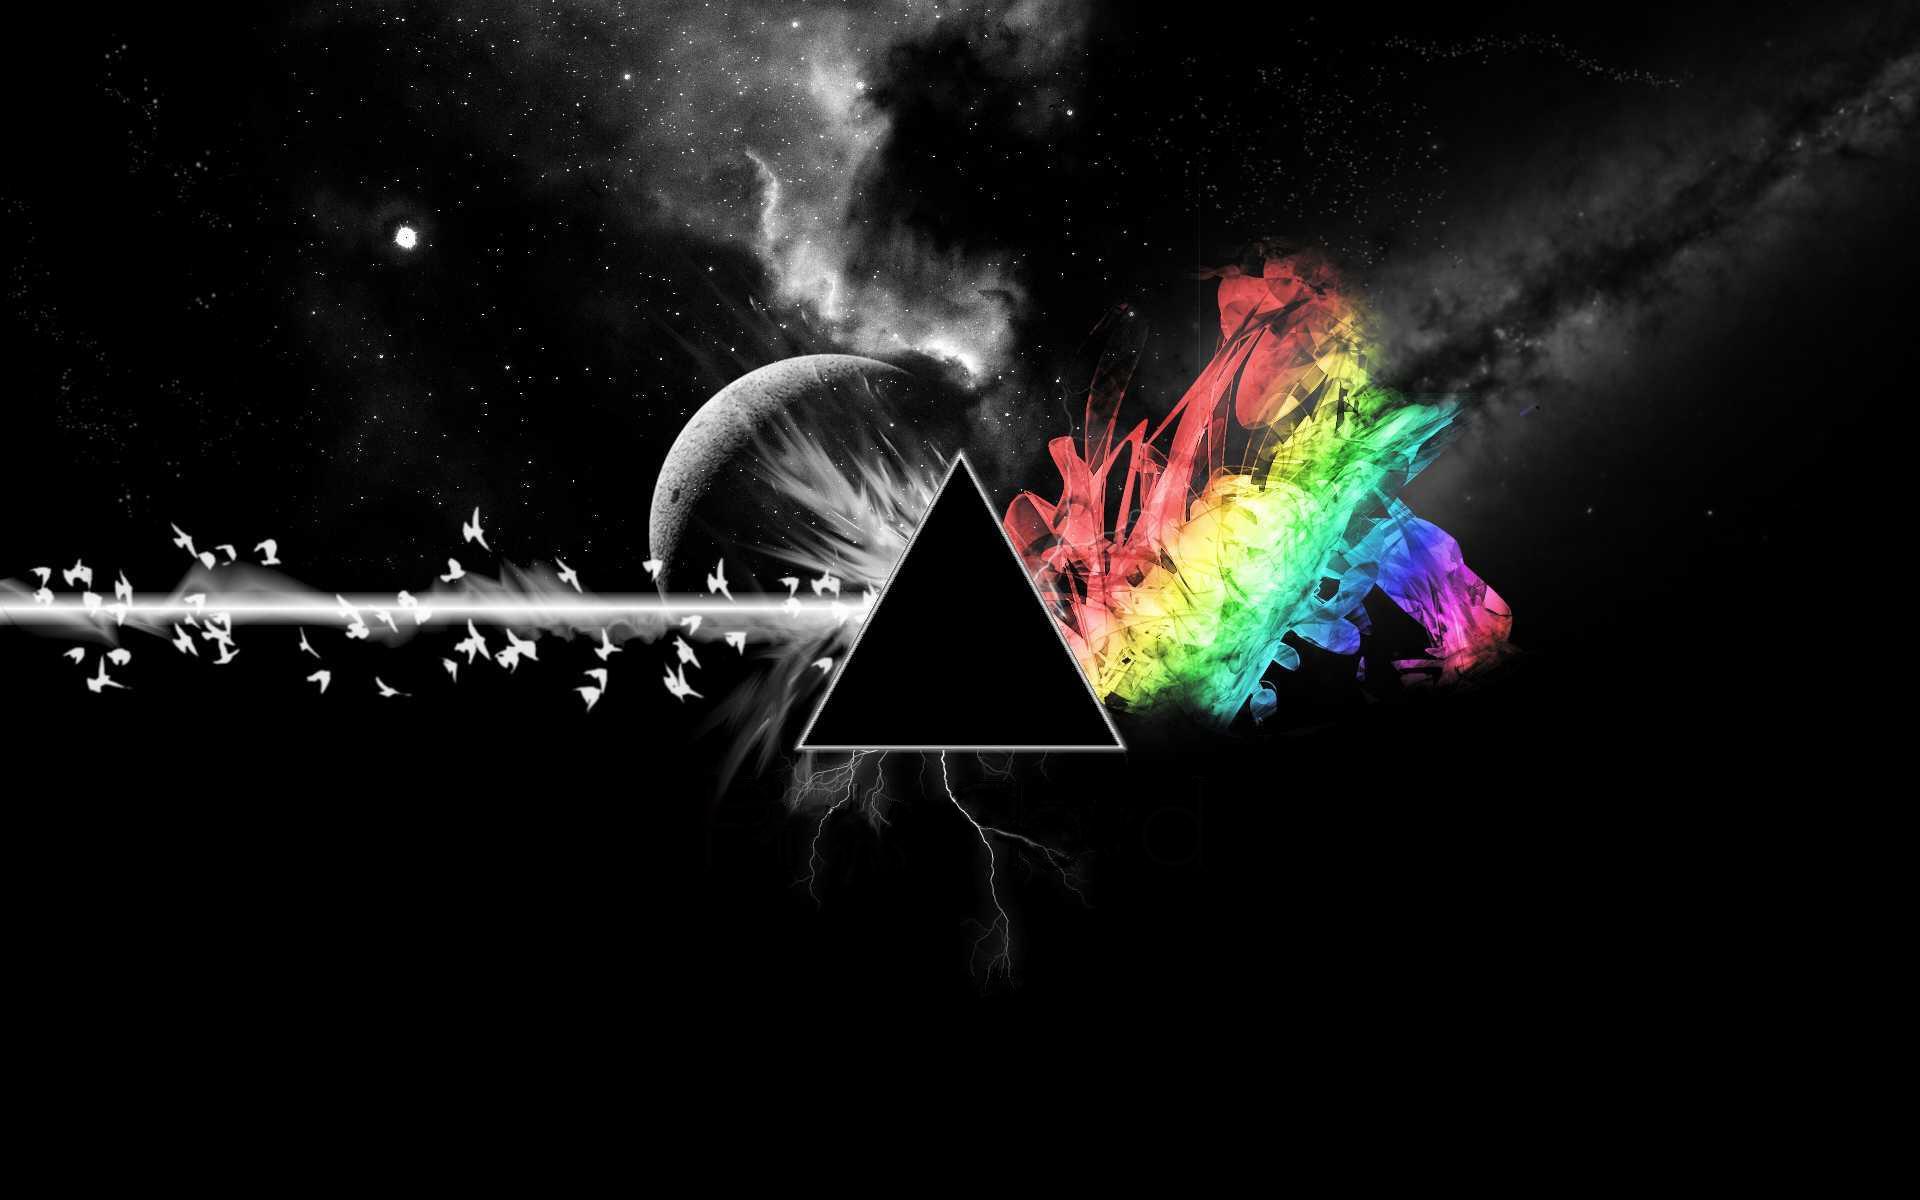 Звезды открытый космос космическое